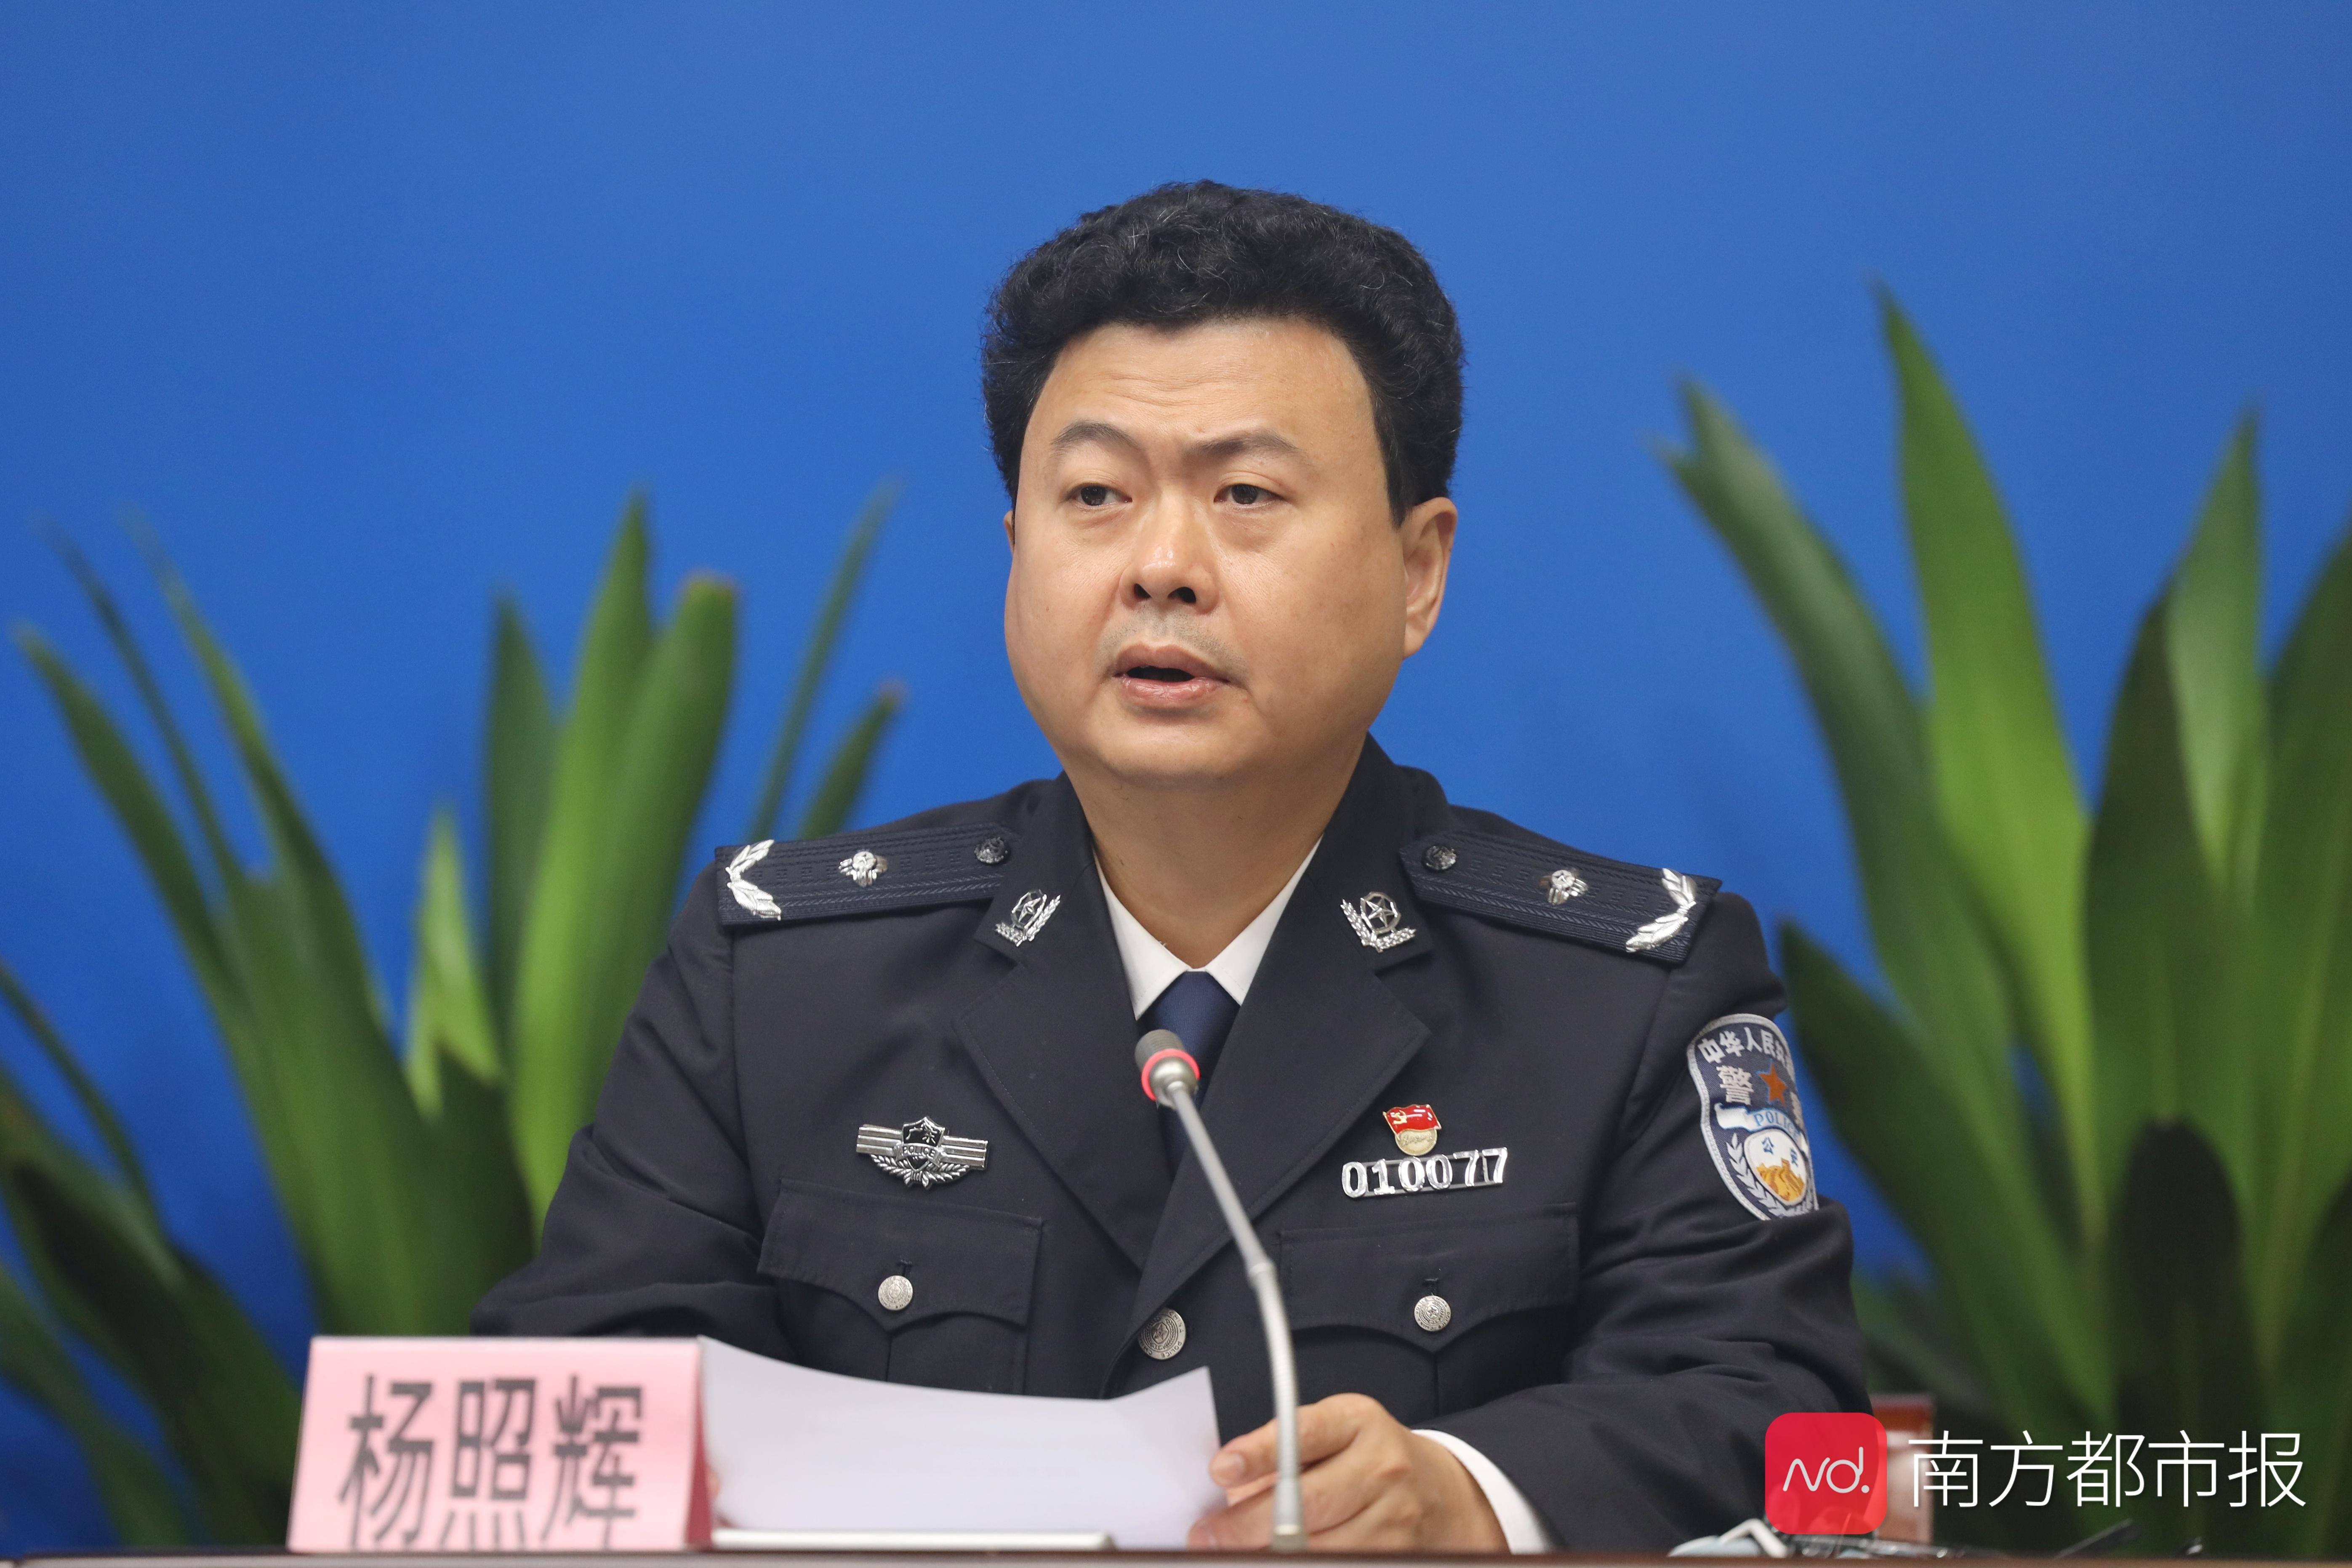 广州重拳整治食药环违法犯罪,制售假冒伪劣化妆品成突出问题